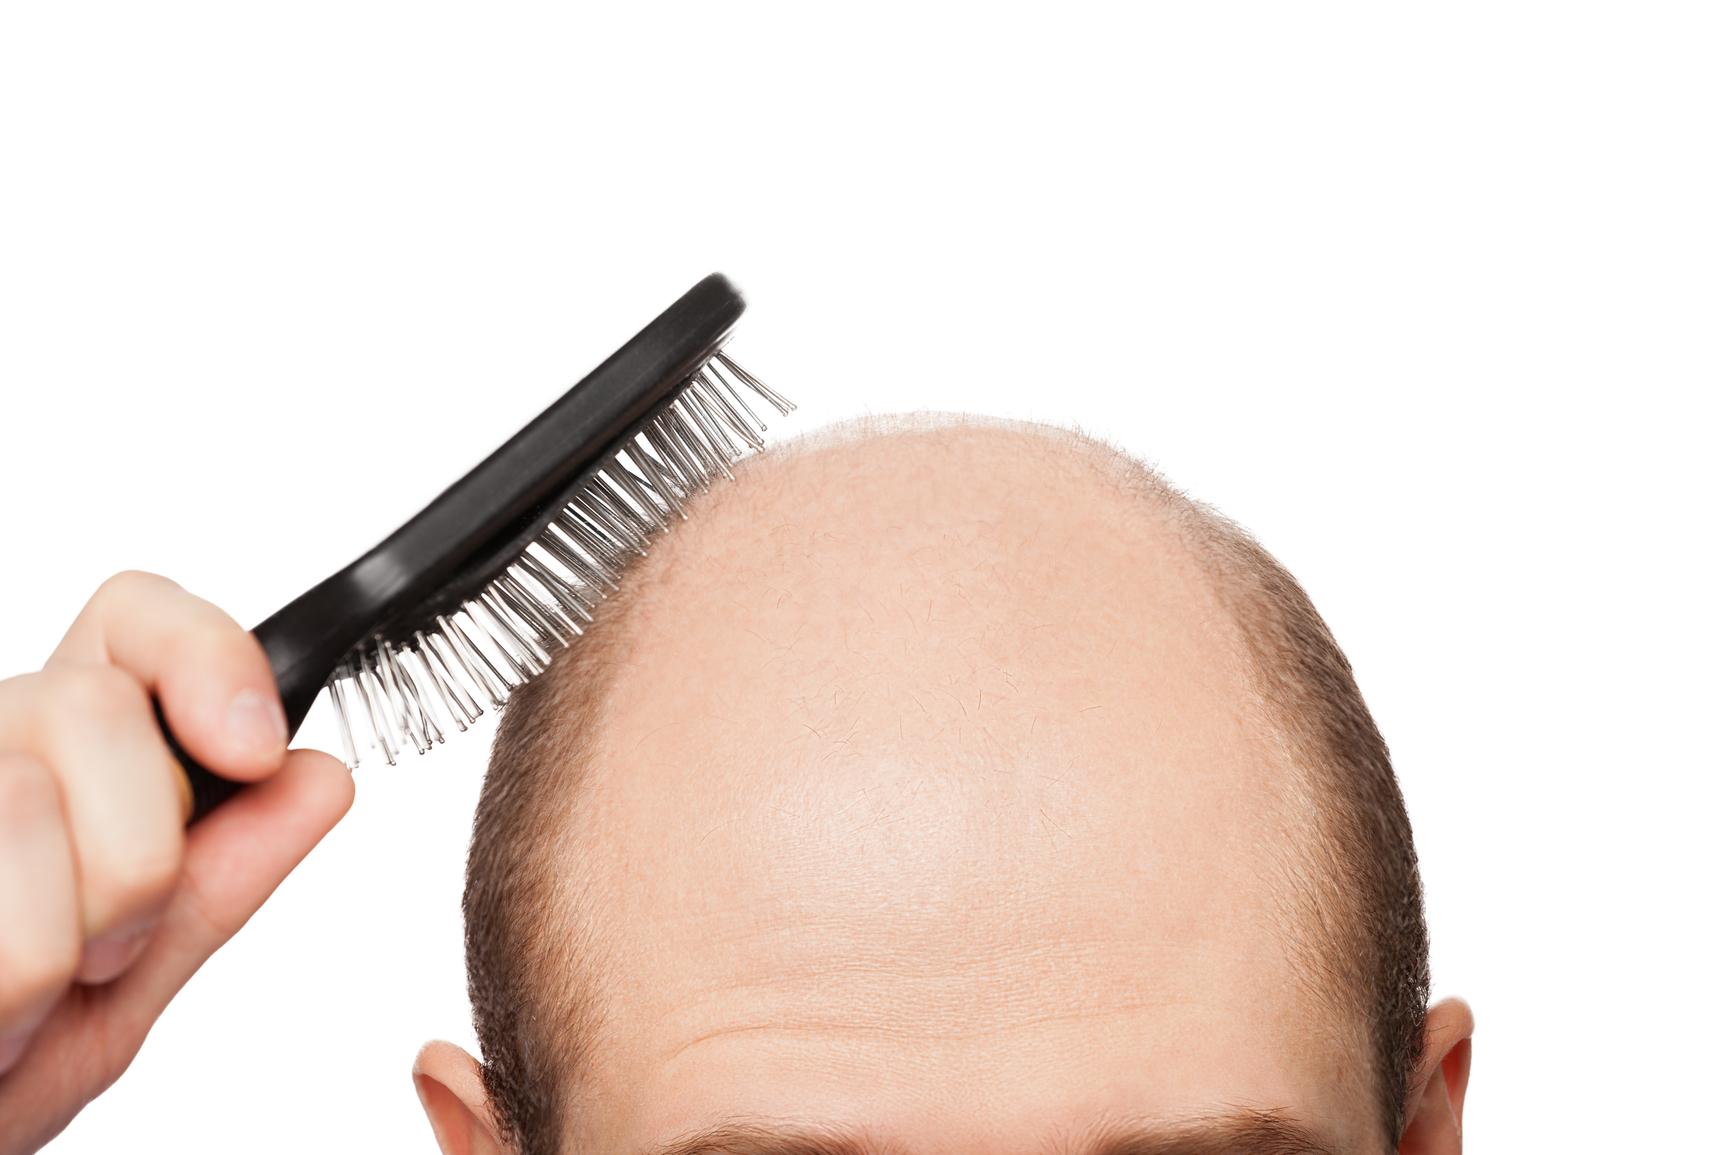 Эффективное средство для удаления волос на лице отзывы